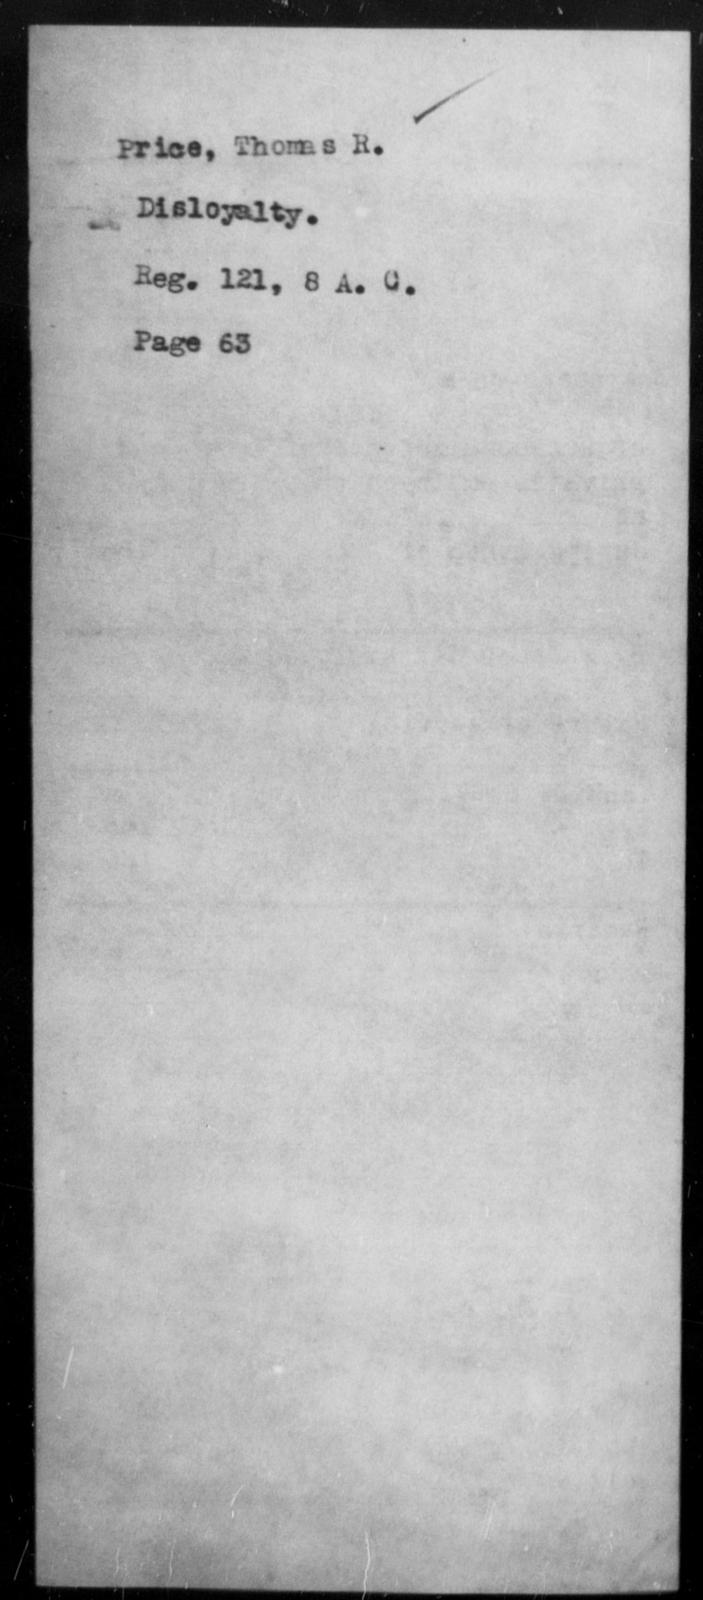 Price, Thomas R - State: [Blank] - Year: [Blank]